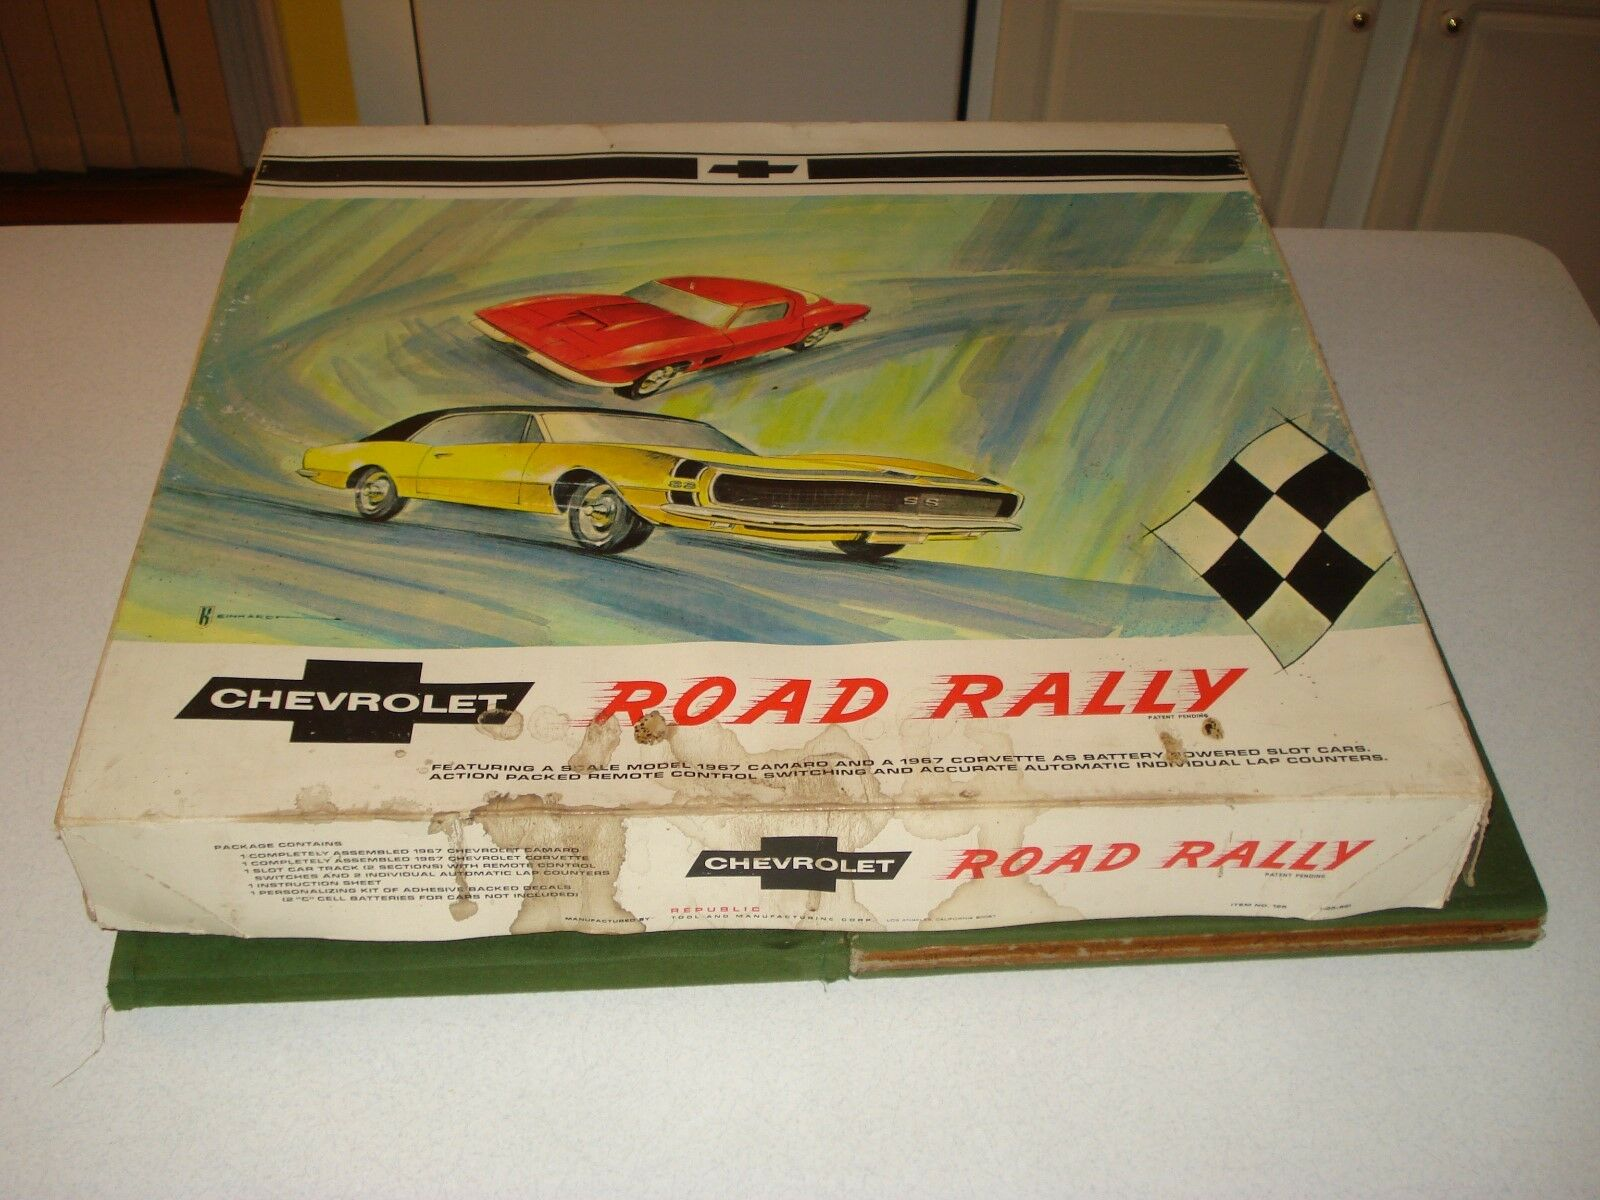 1966 CHEVROLET Road Rally Set Avec Boîte Et Instructions, pas de voitures, République